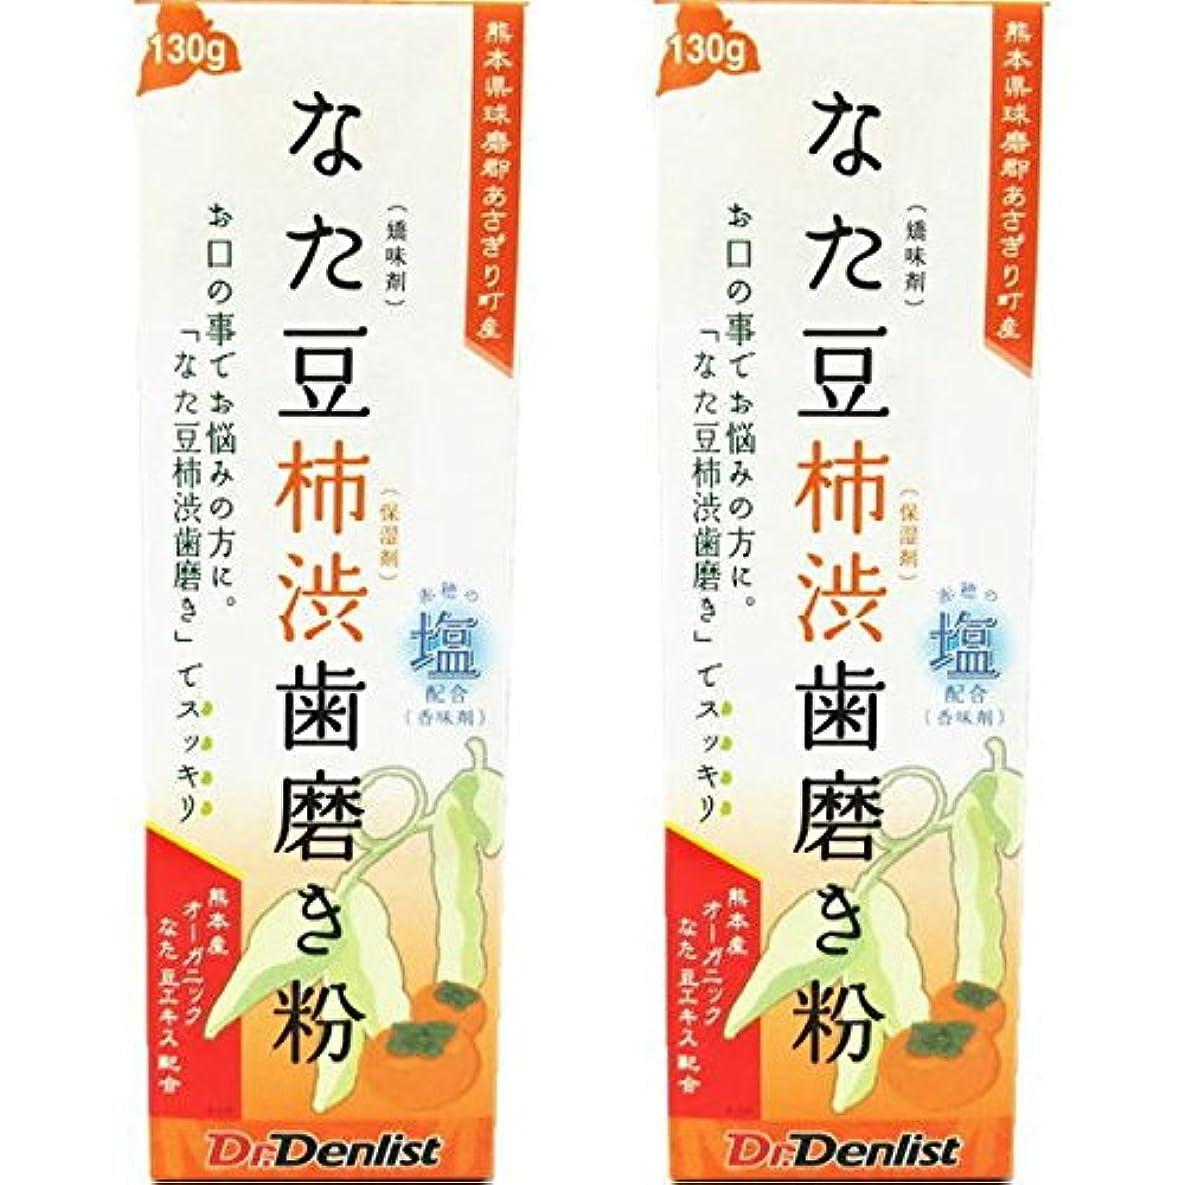 電話する上回る十年なた豆柿渋歯磨き 130g 2個セット 国産 有機なた豆使用 赤穂の塩配合(香味剤)